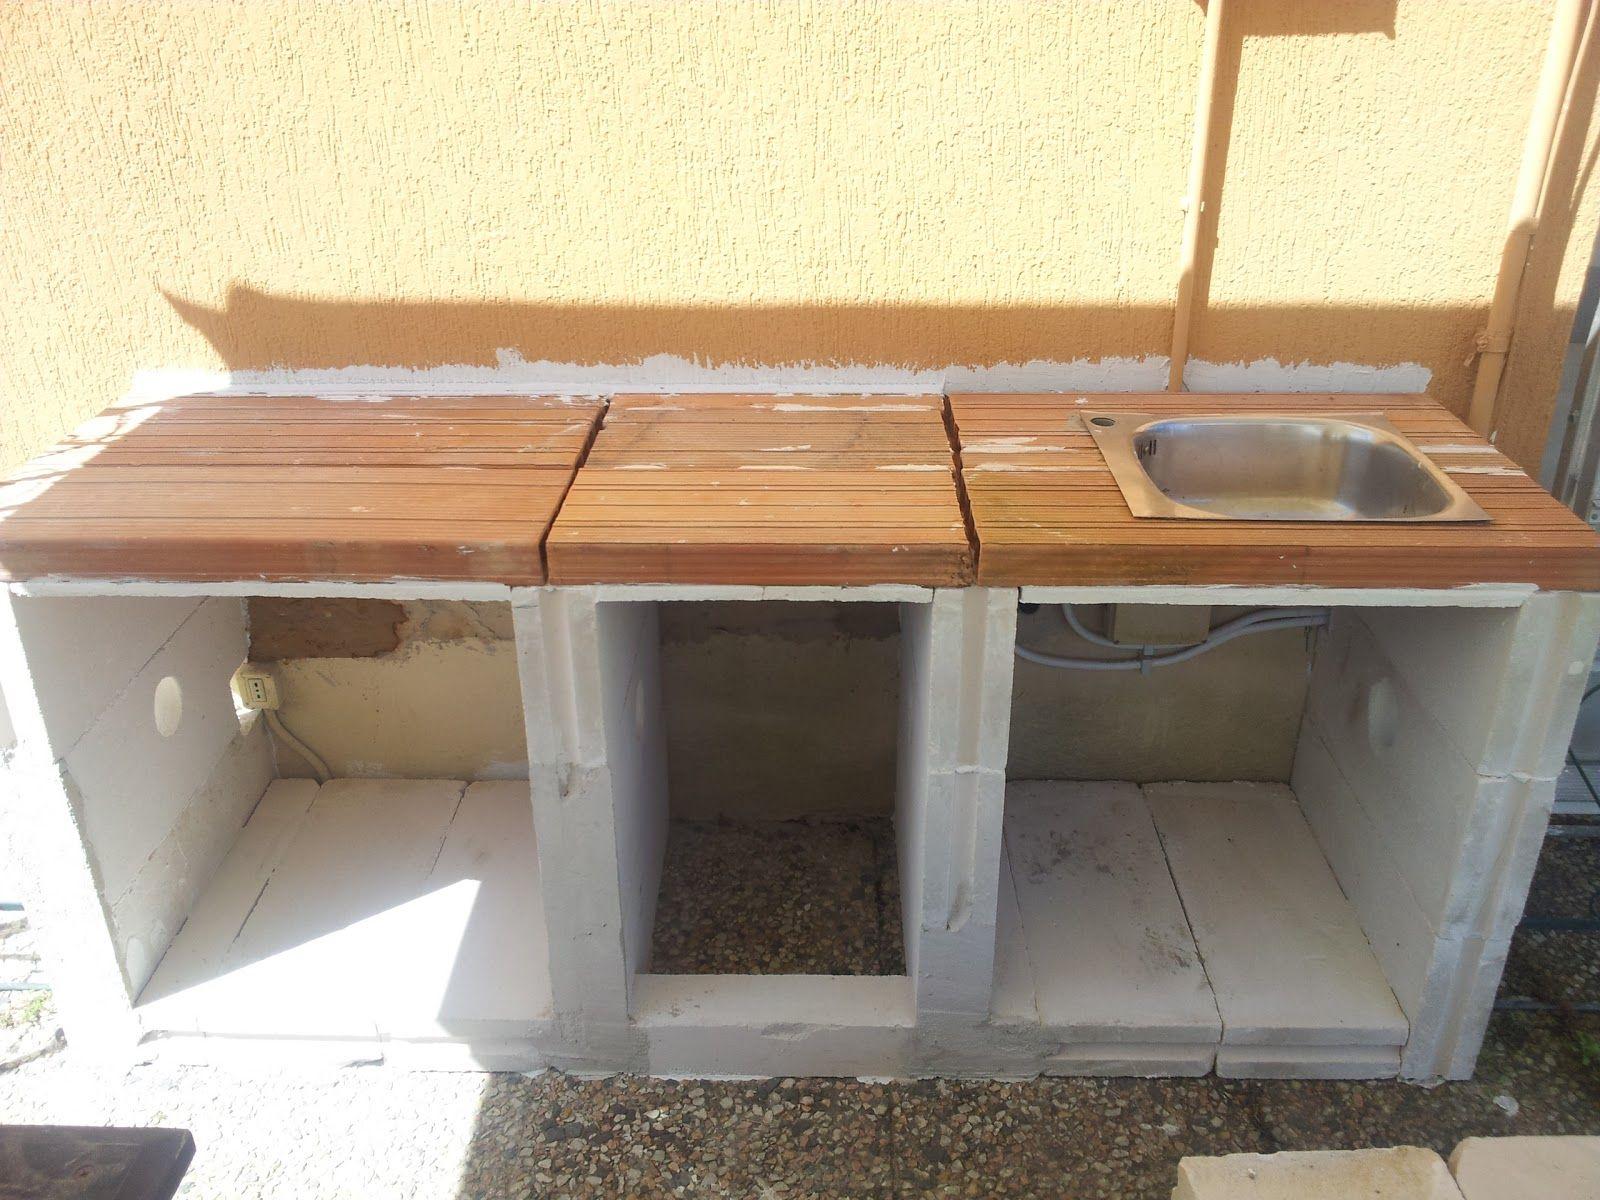 cucine esterne da giardino in muratura barbecue da giardino in pietra des photos de fond d on outdoor kitchen ytong id=19437